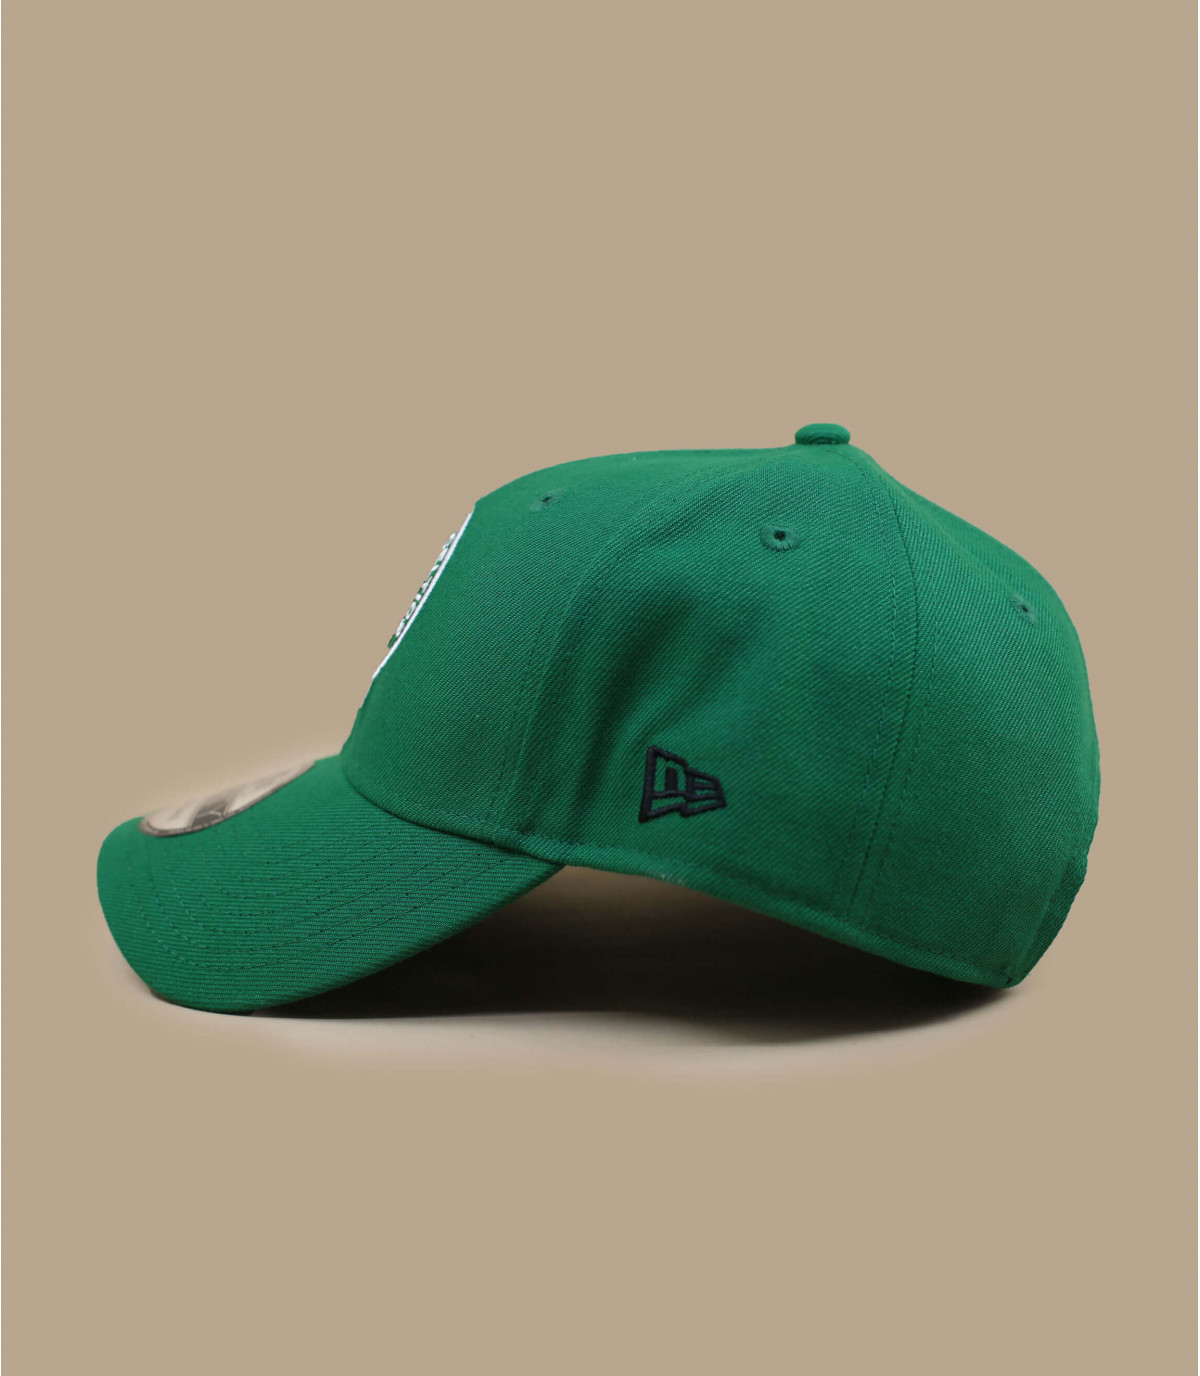 Detalles The League Celtics imagen 2